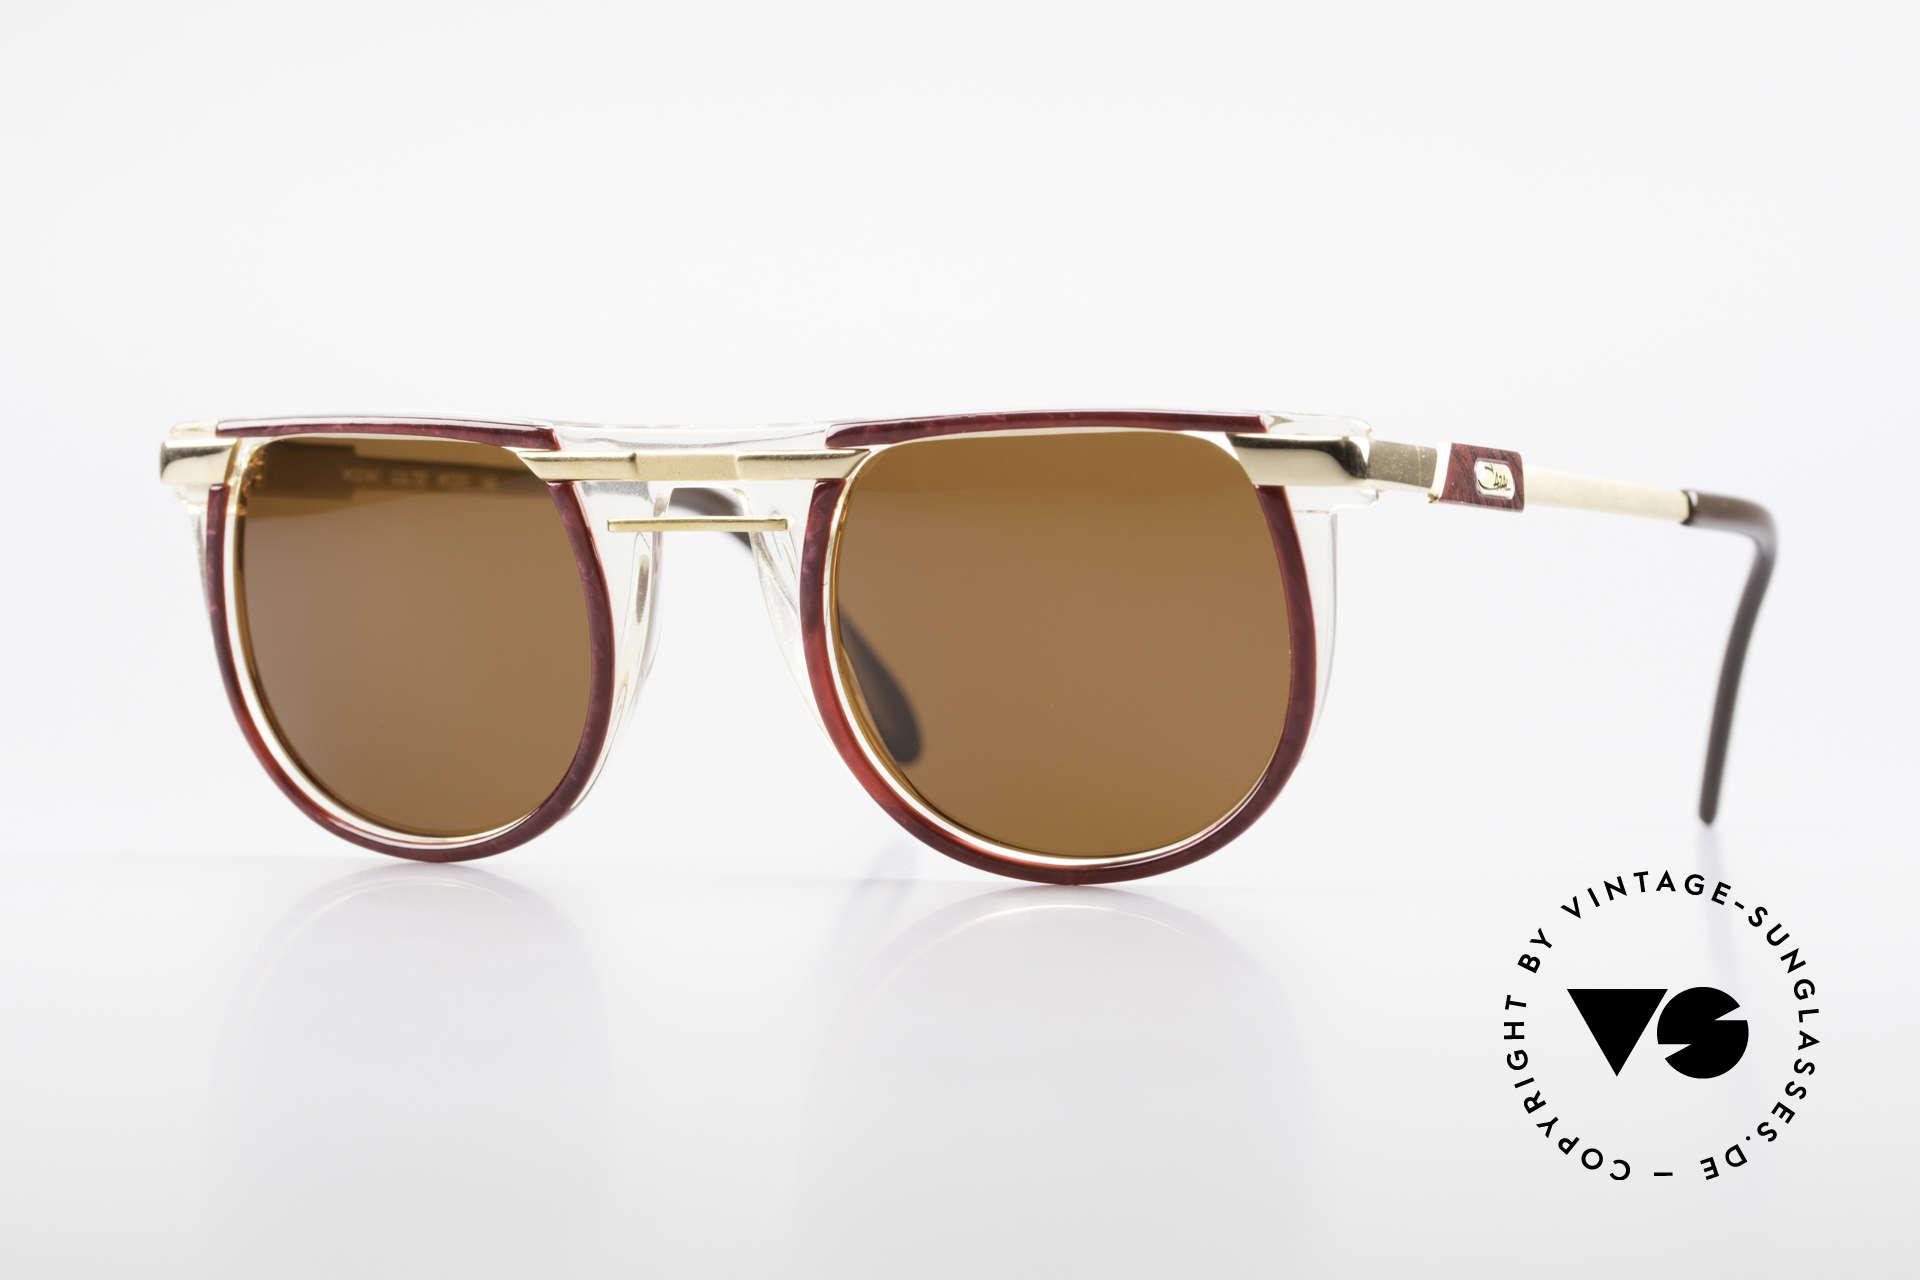 Cazal 647 90er Vintage Sonnenbrille, rundliche 90er Designer-Sonnenbrille von CAZAL, Passend für Herren und Damen